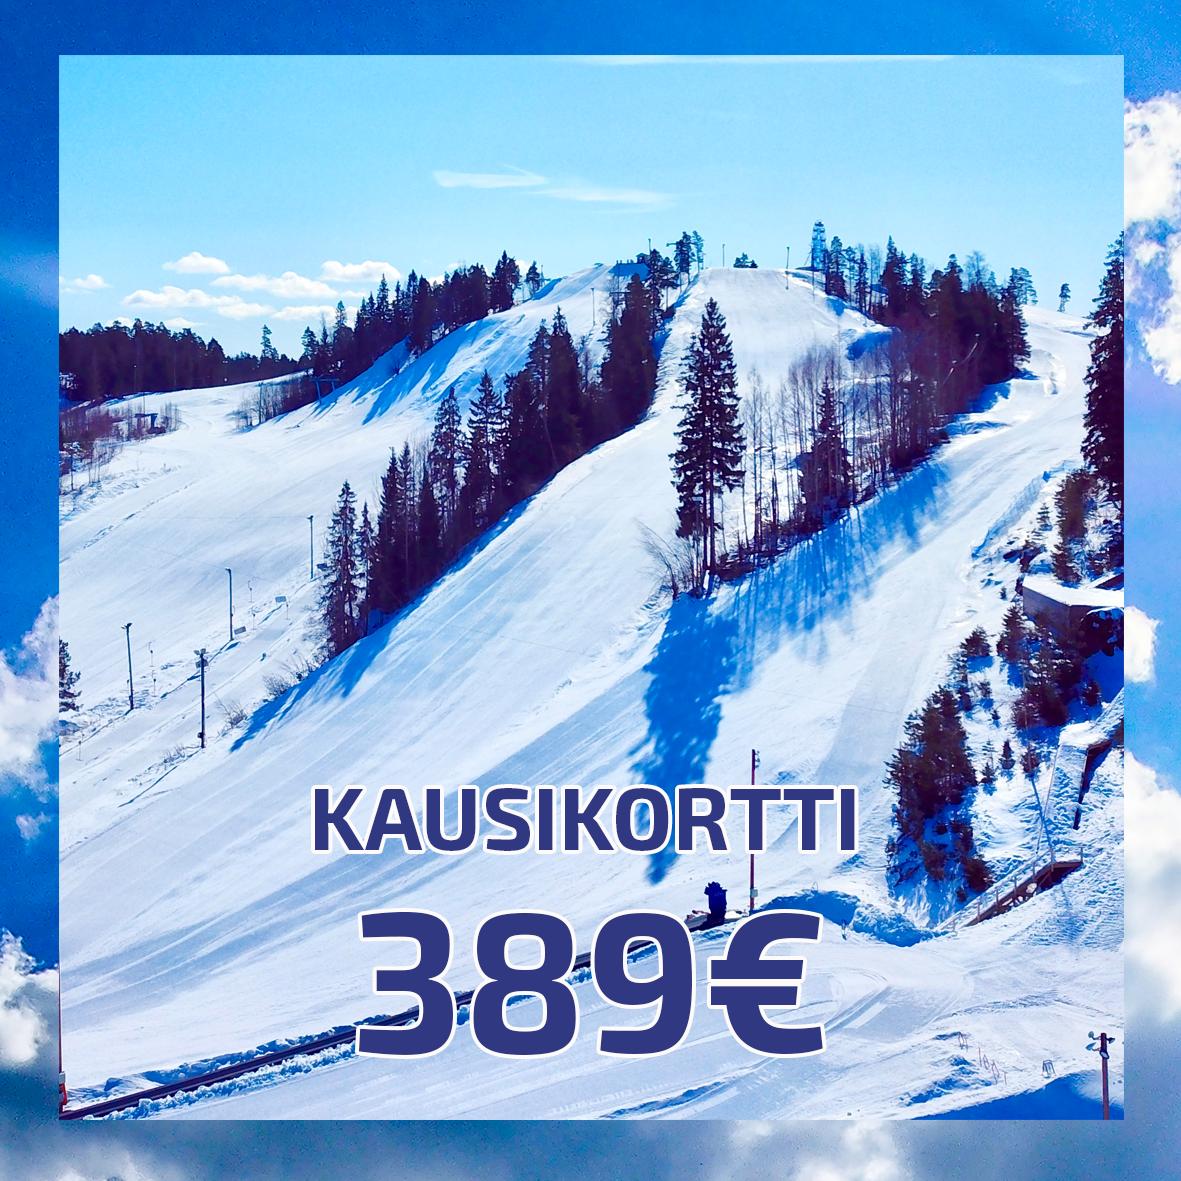 Kausikortti 389€